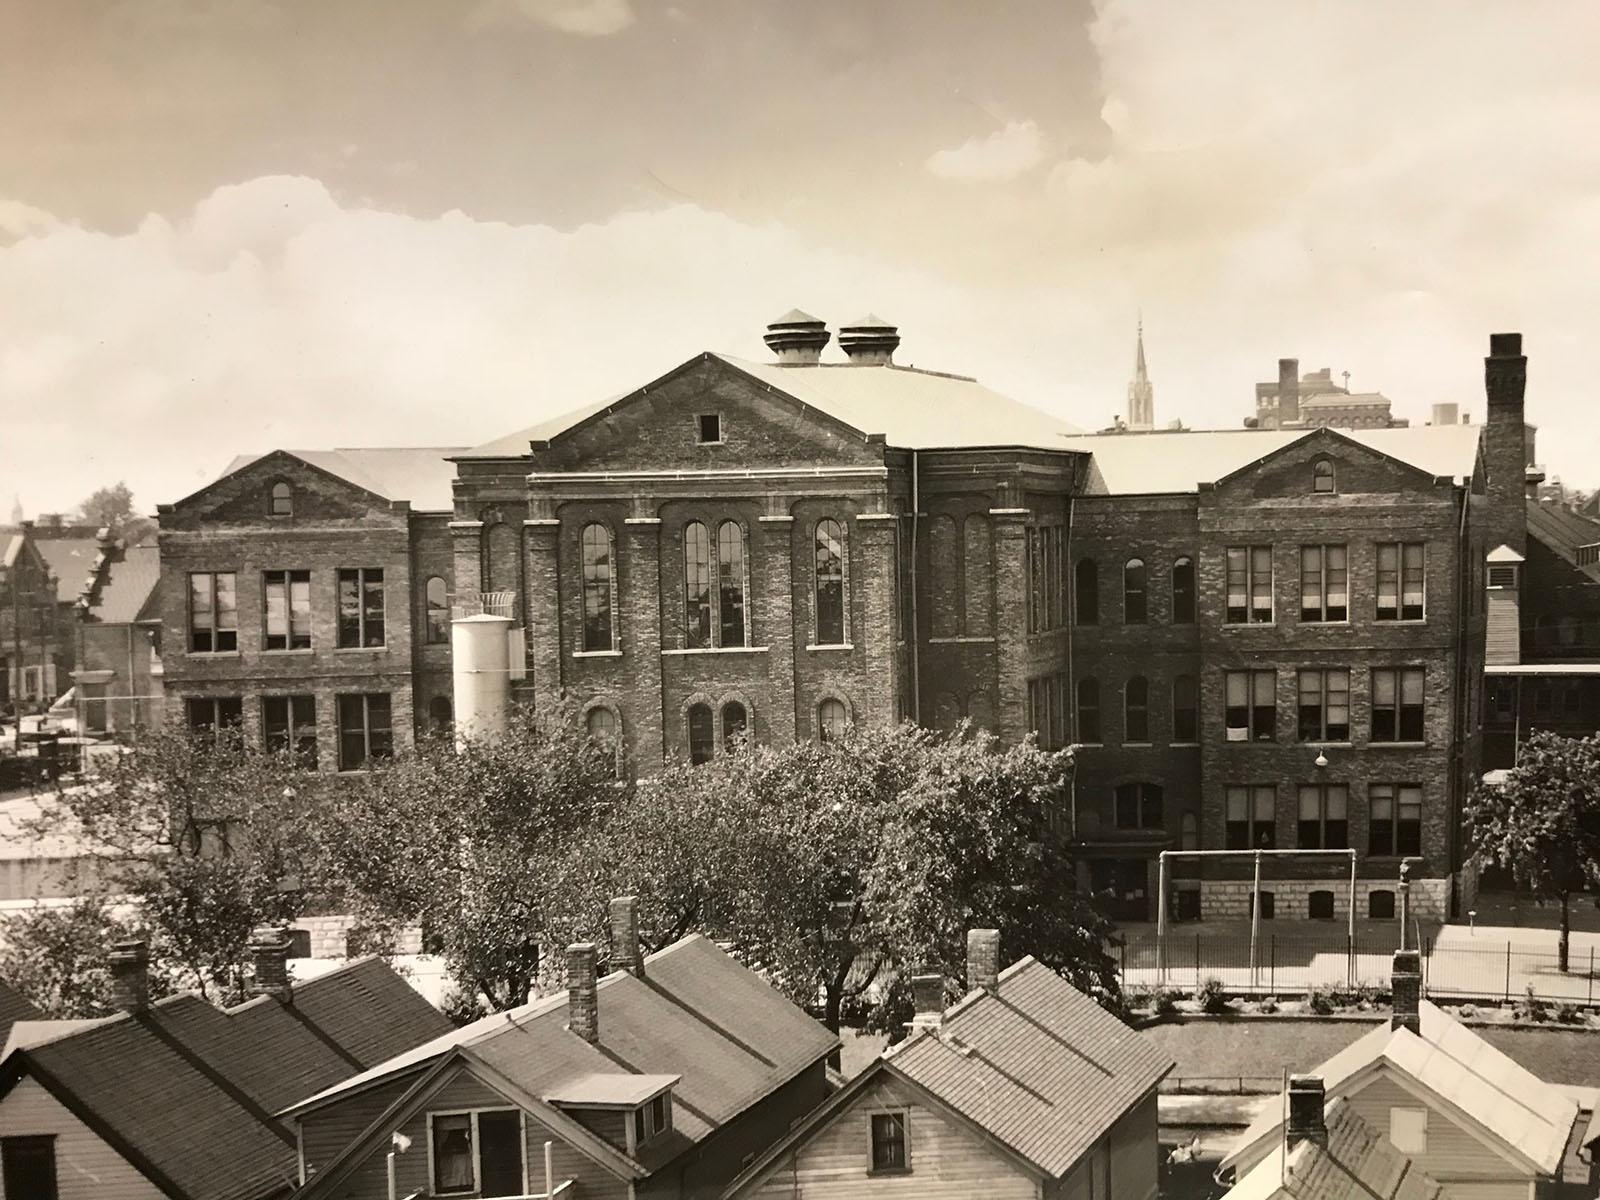 Walter Allen School